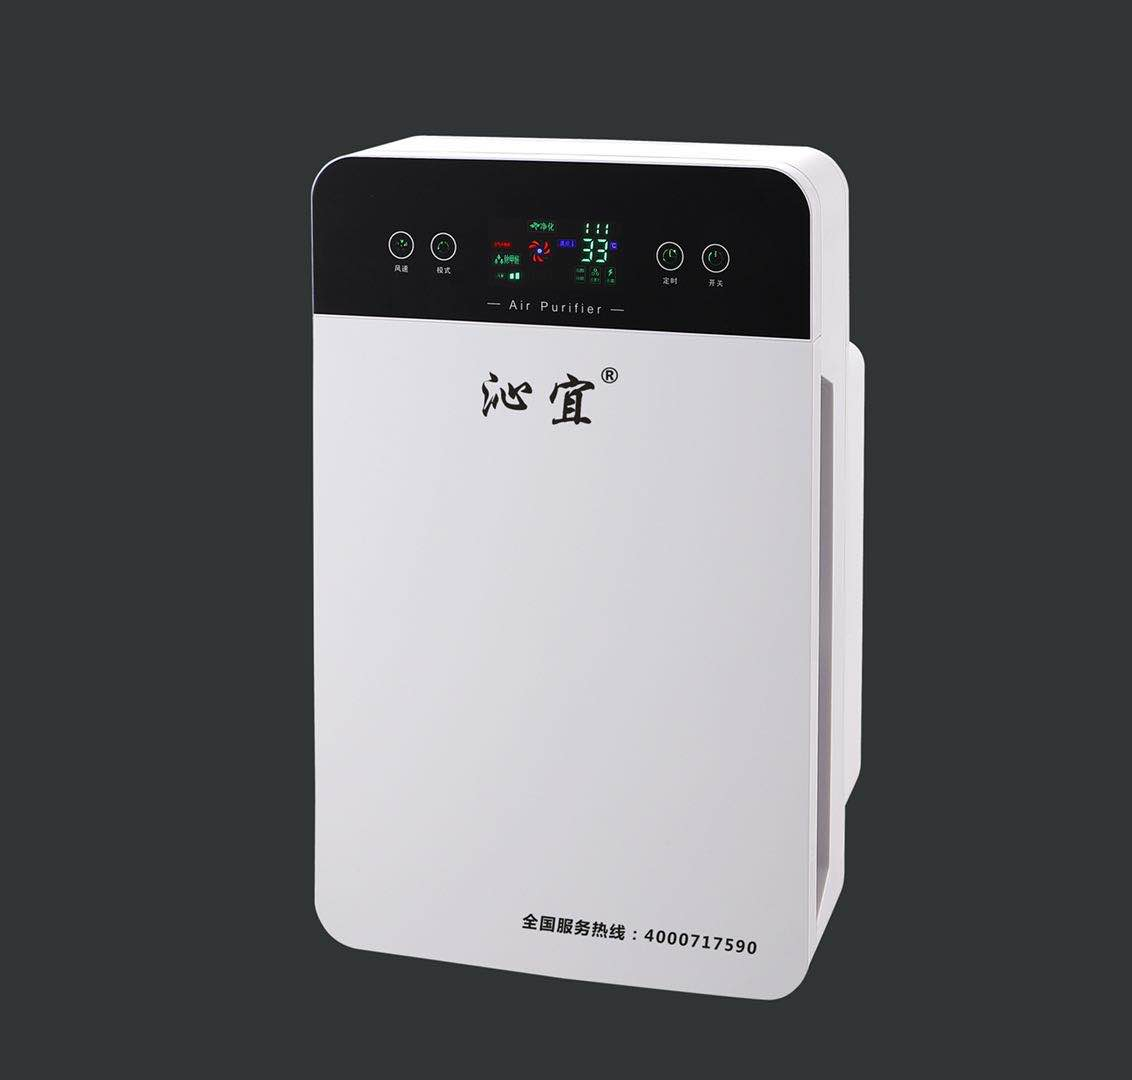 凯发体育app官网高端空气净化器